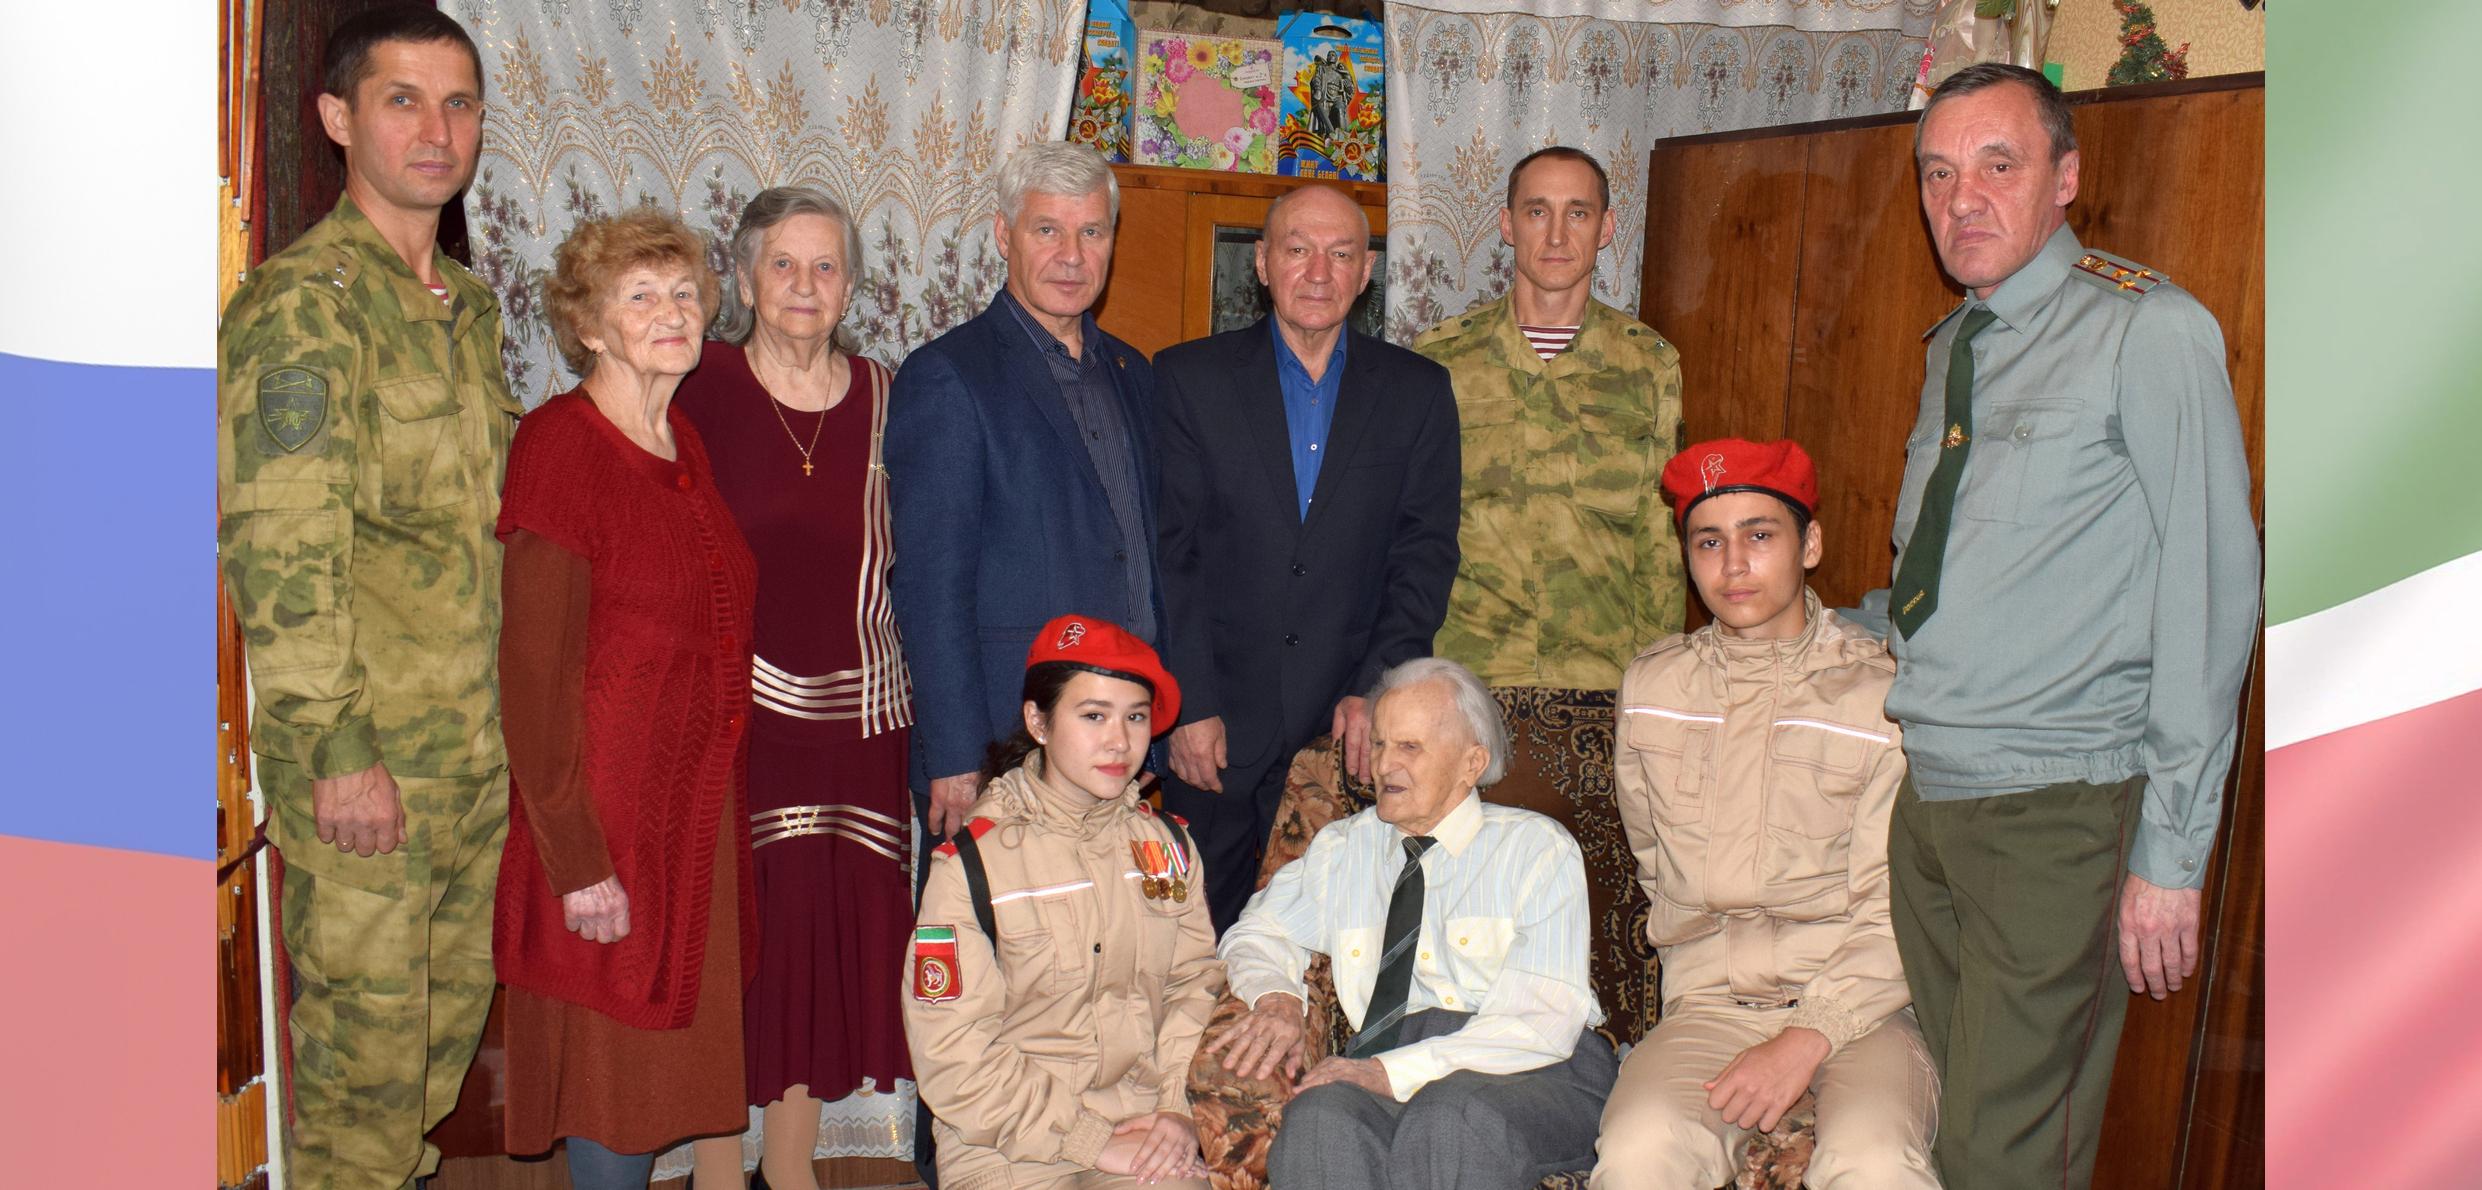 В Казани росгвардейцы поздравили участника двух войн и ветерана войск правопорядка со 100-летним юбилеем